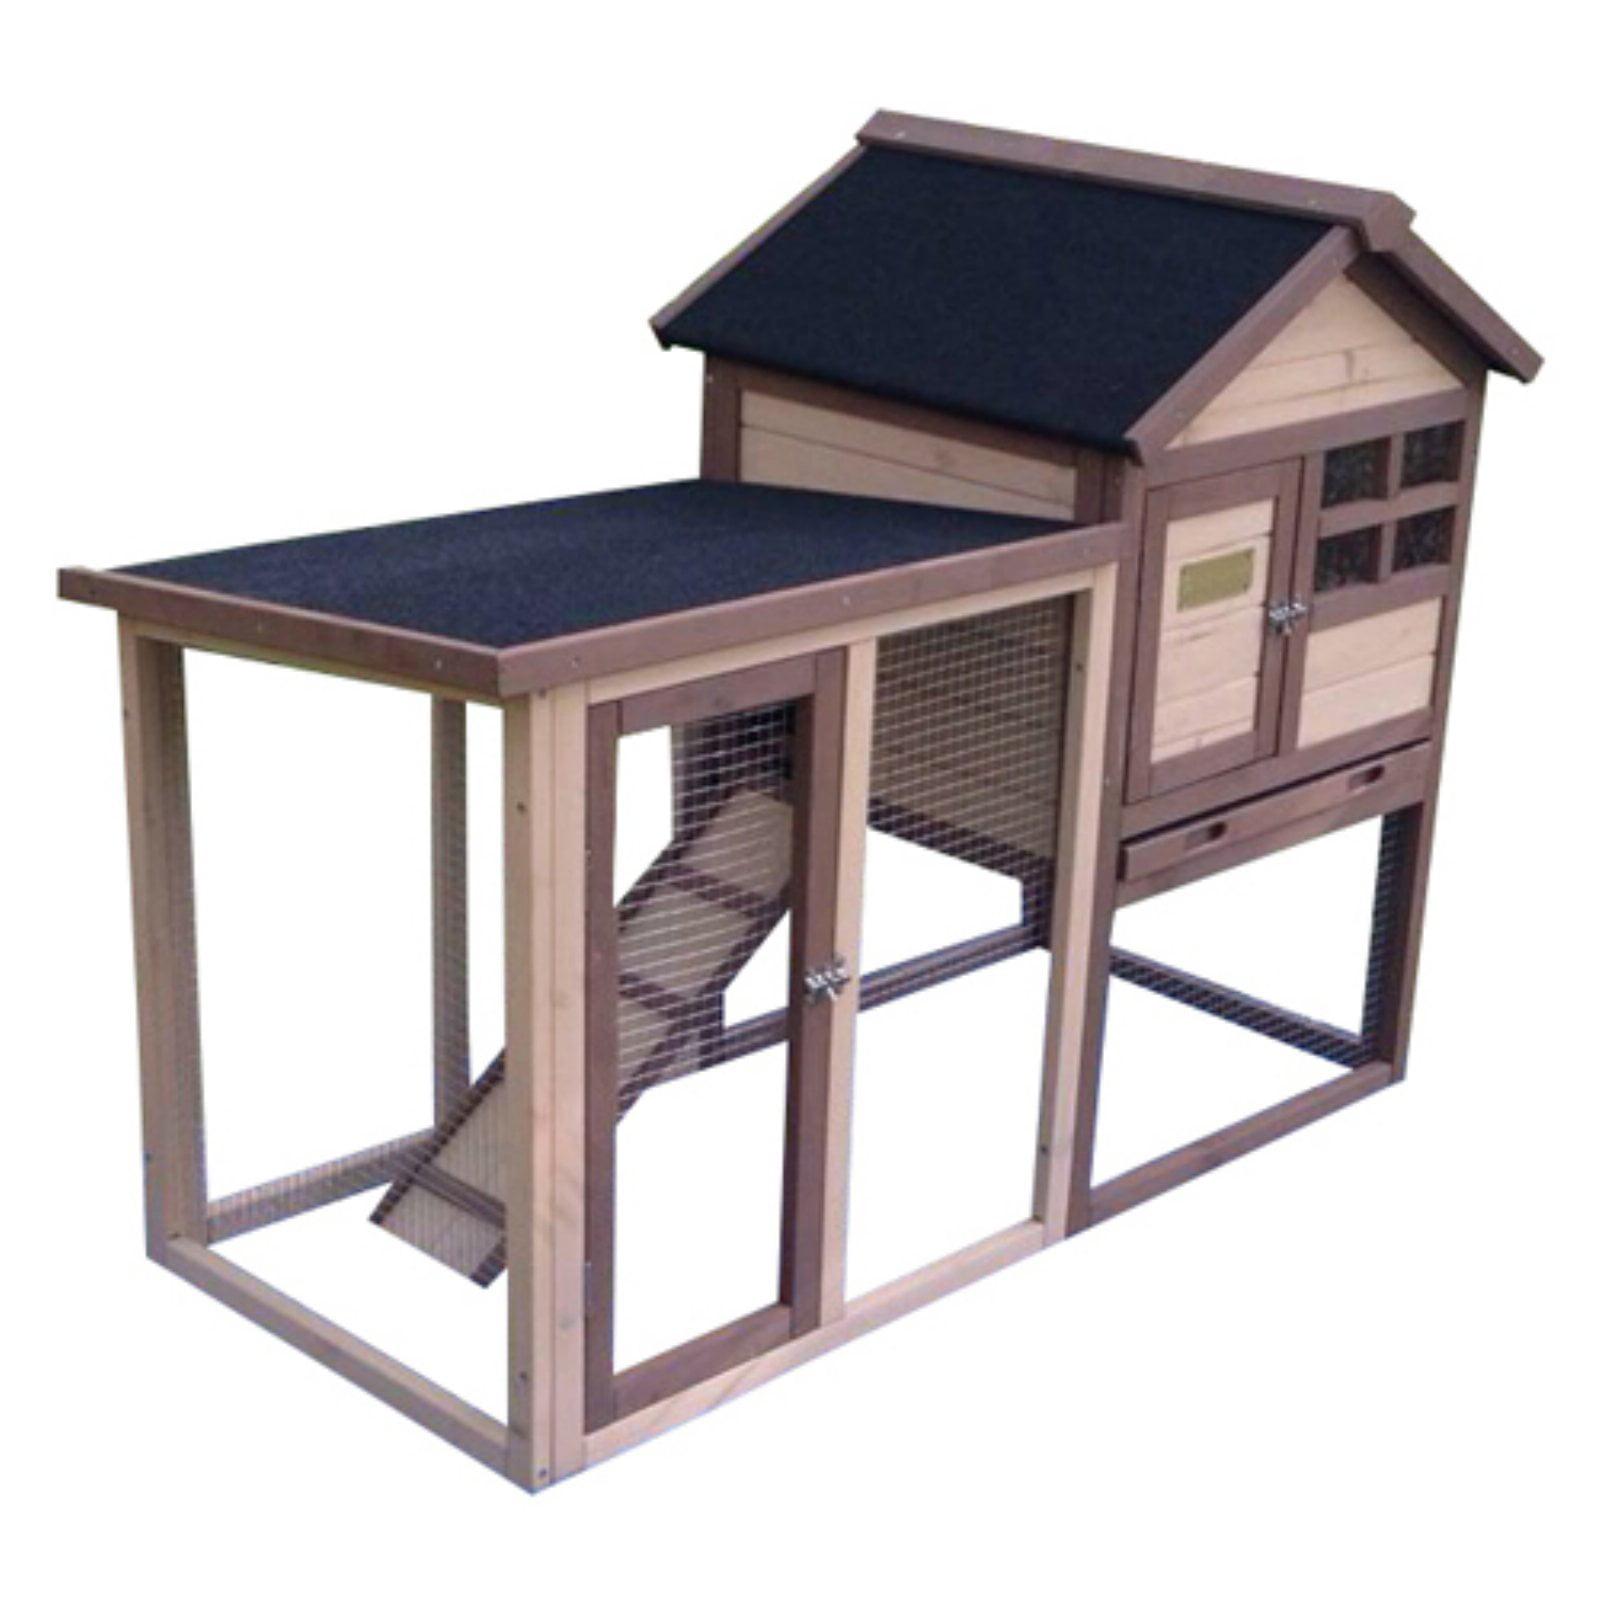 Advantek Stilt House Rabbit Hutch by